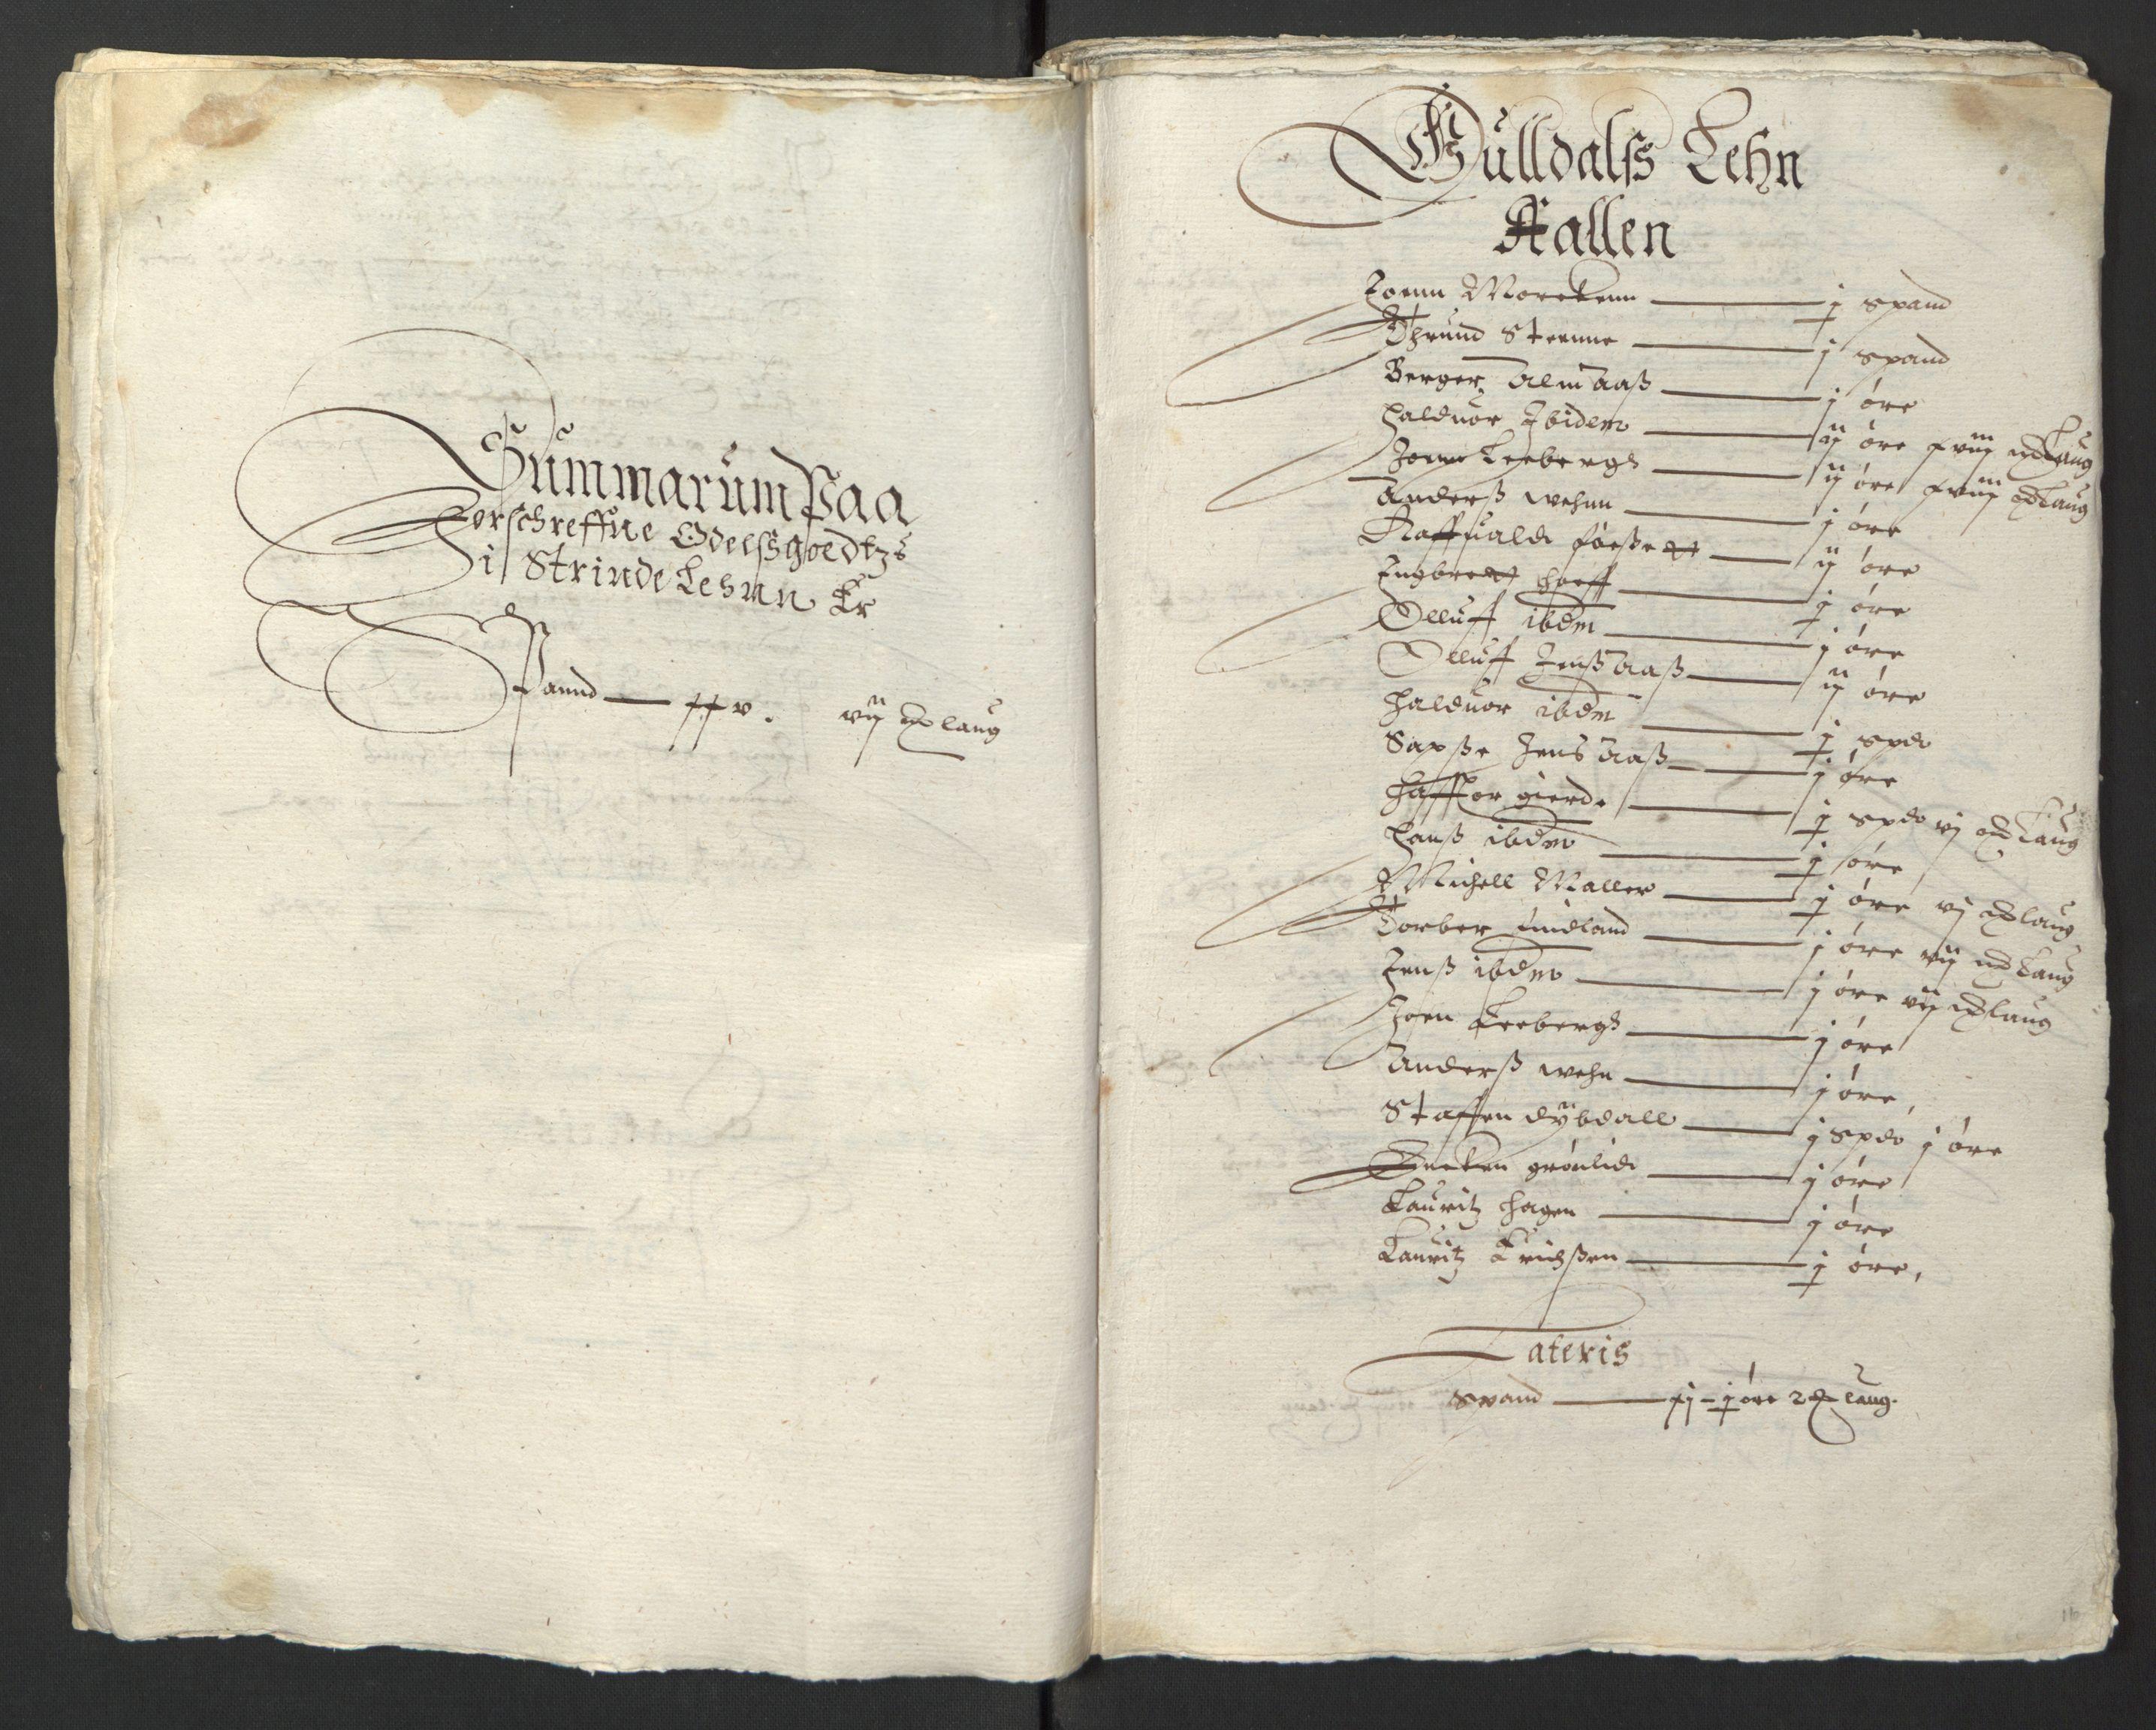 RA, Stattholderembetet 1572-1771, Ek/L0013: Jordebøker til utlikning av rosstjeneste 1624-1626:, 1624-1625, s. 19